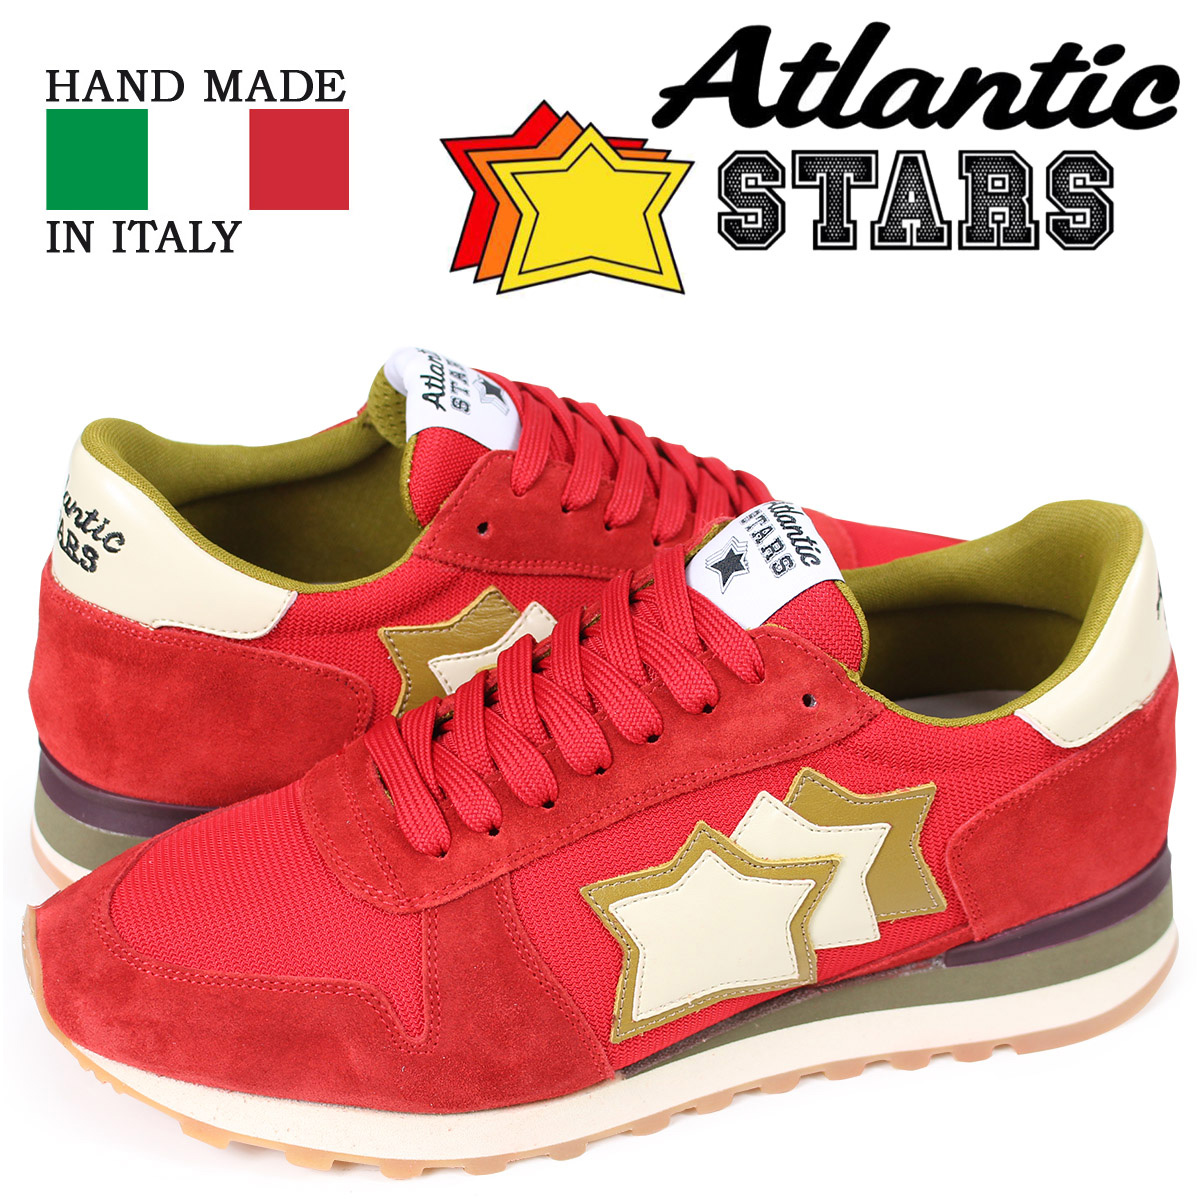 アトランティックスターズ メンズ スニーカー Atlantic STARS アルゴ ARGO RFS-NY-APSBO レッド 【決算セール 返品不可】